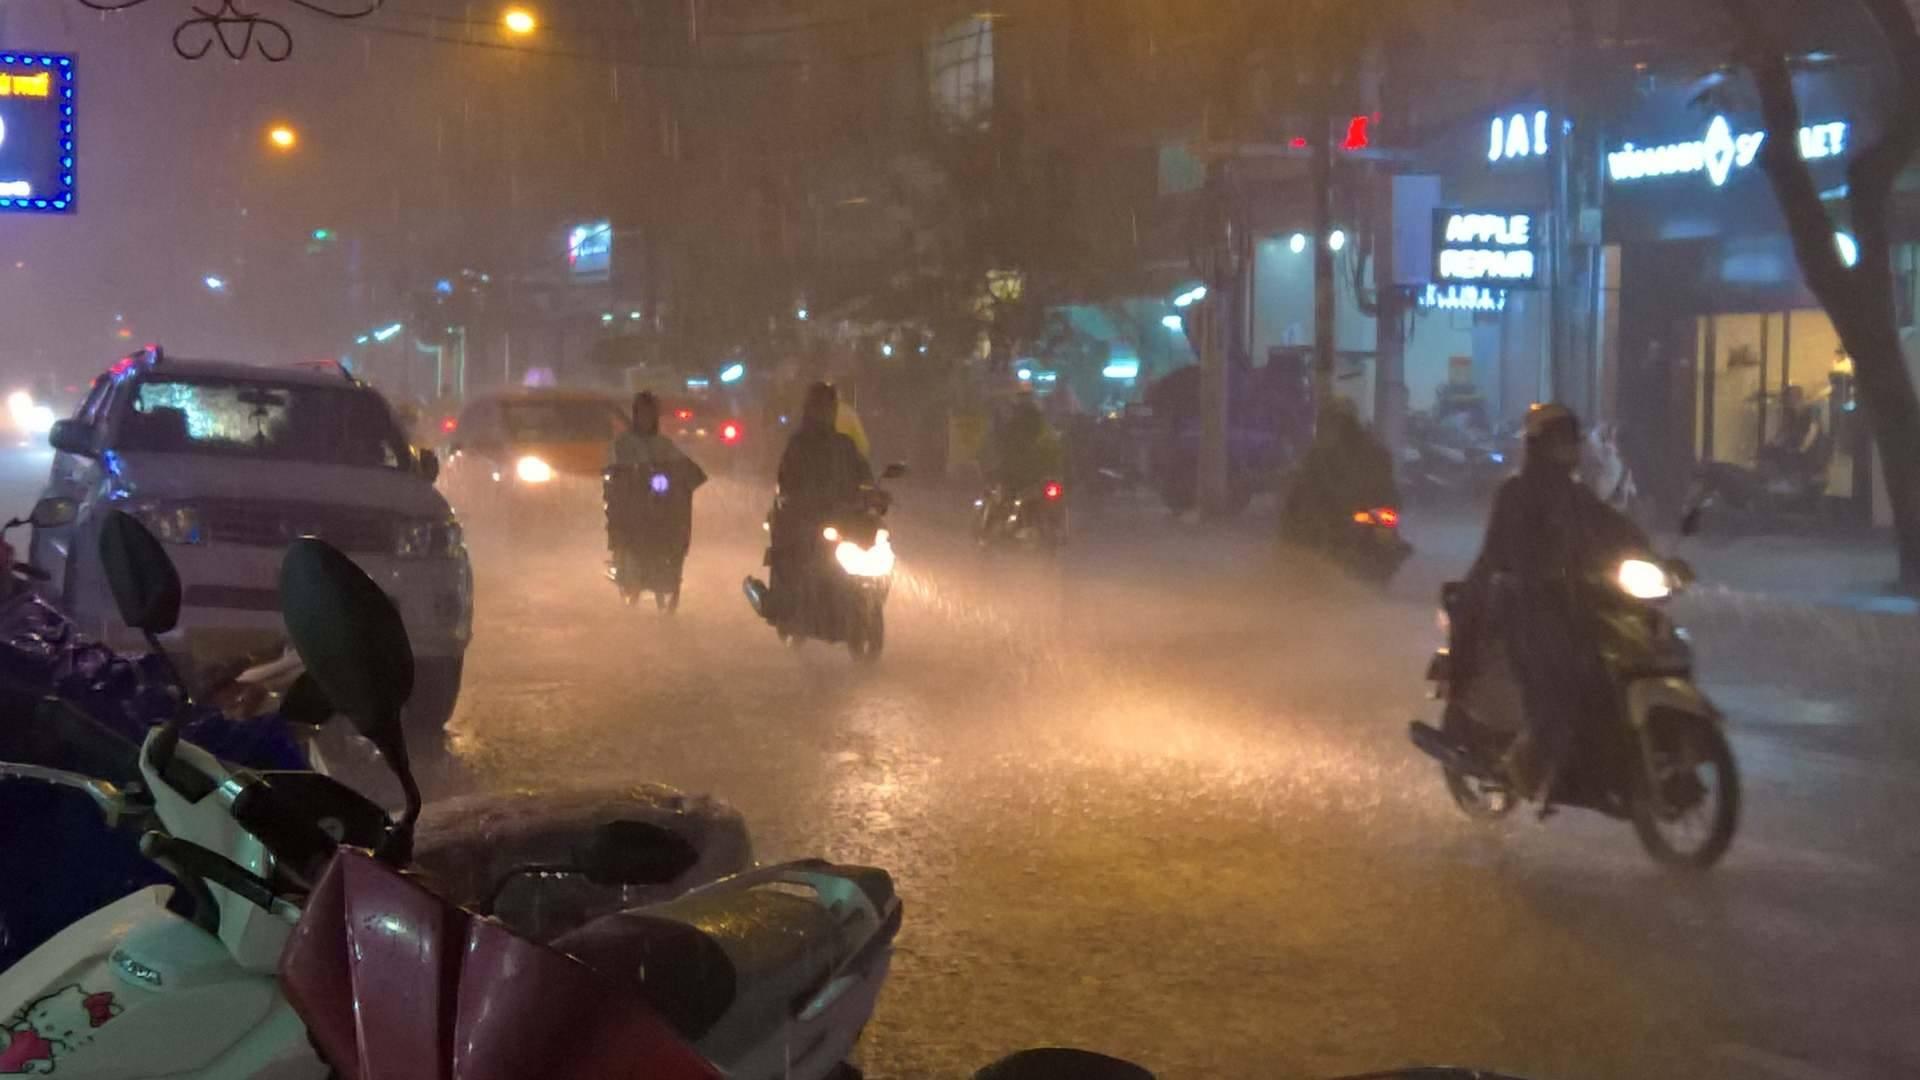 TP.HCM lại mưa mù trời: Ngập nước, giao thông tê liệt - 1